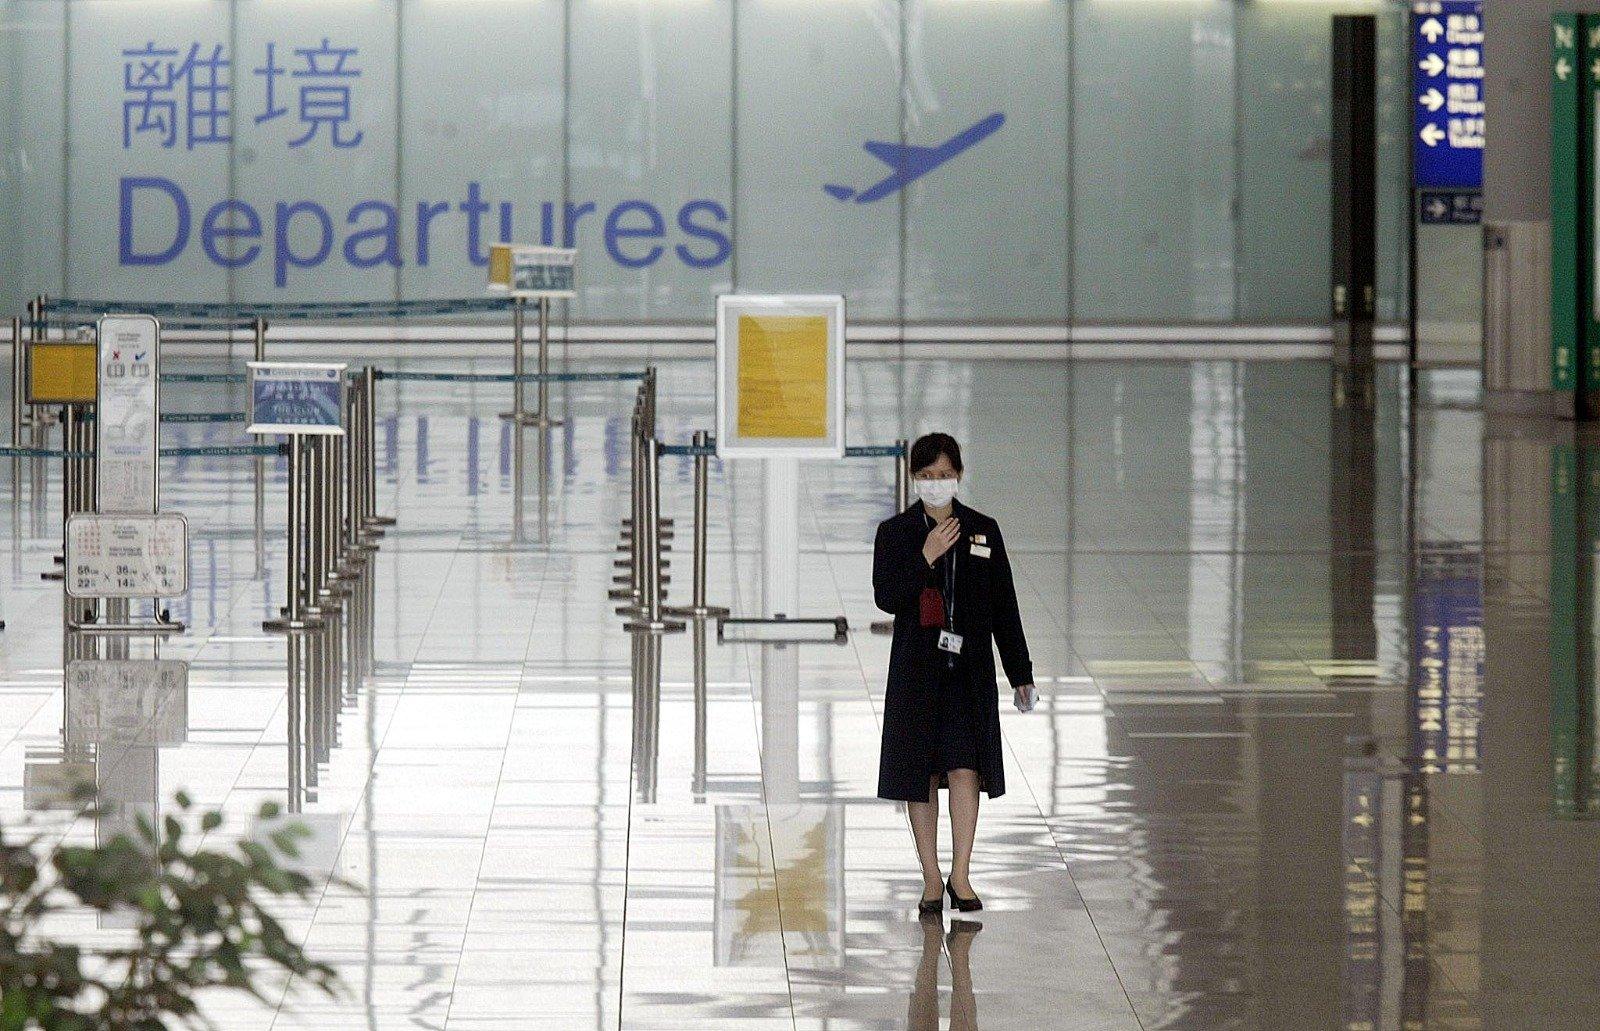 香港政府擬修例任意限制任何人離境。(PETER PARKS/AFP via Getty Images)